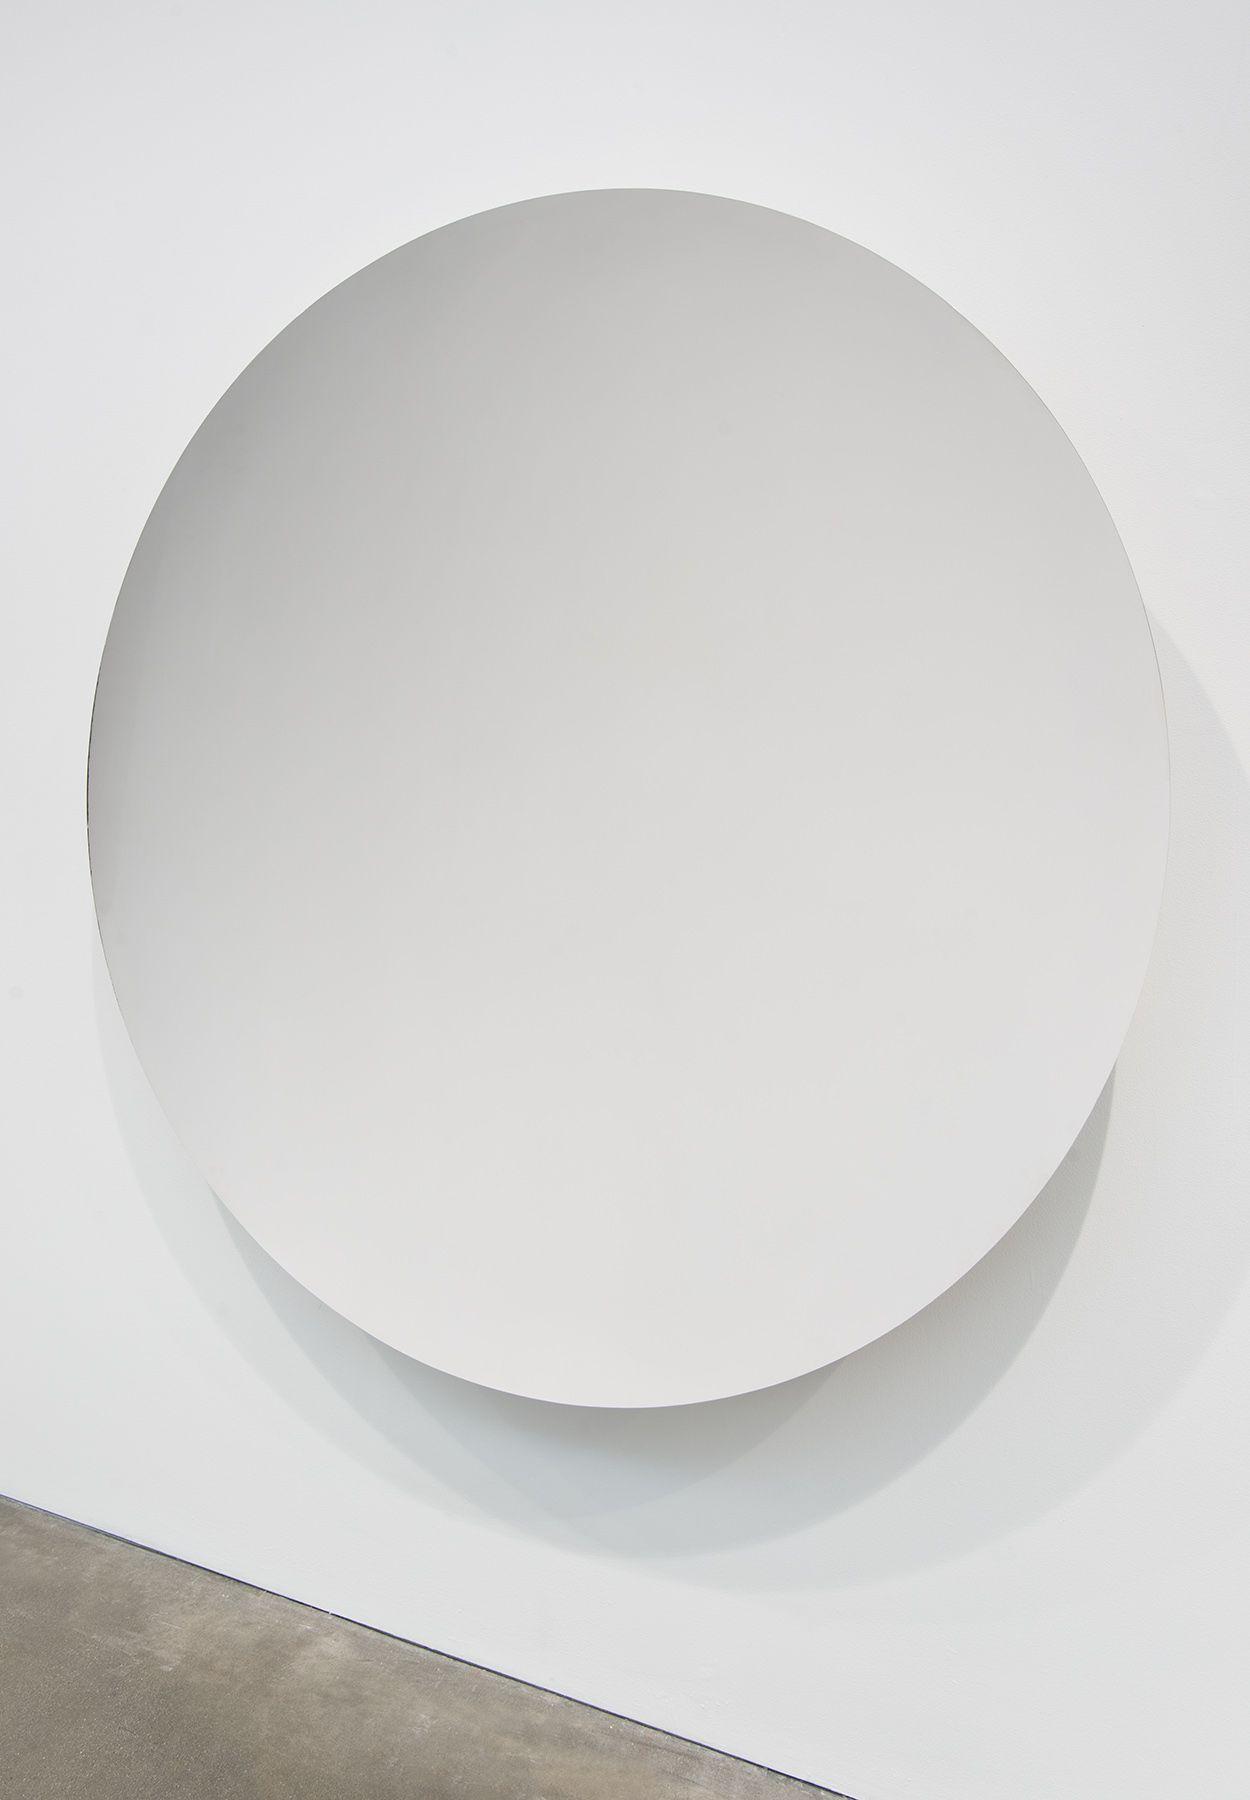 Anish Kapoor - Full Moon